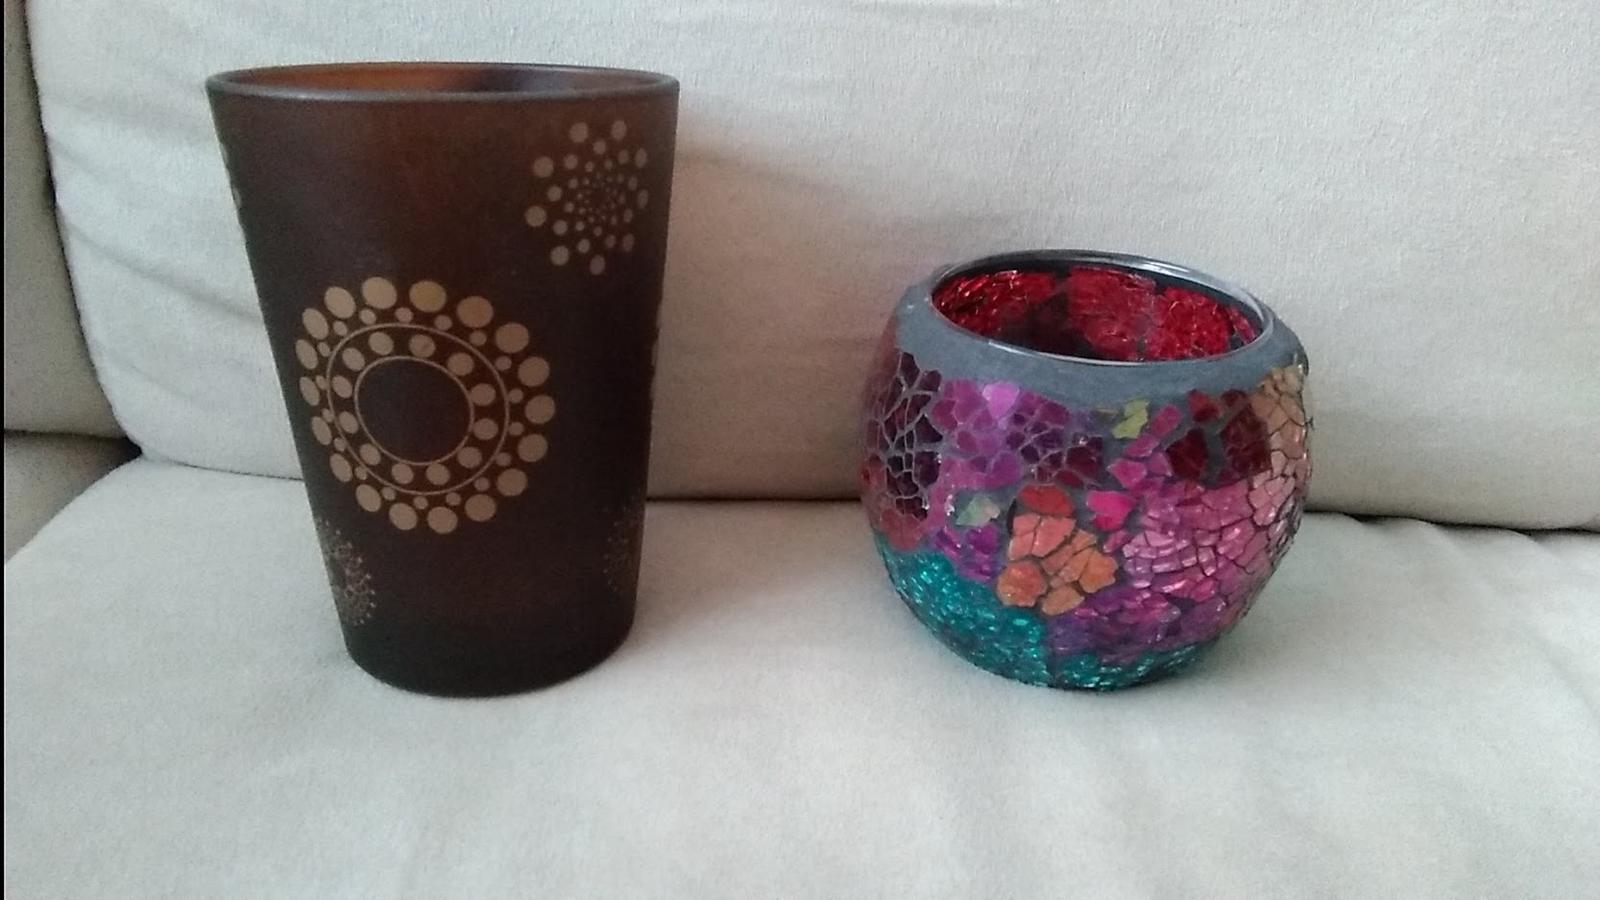 Sklenené svietniky na čajové sviečky - Obrázok č. 2